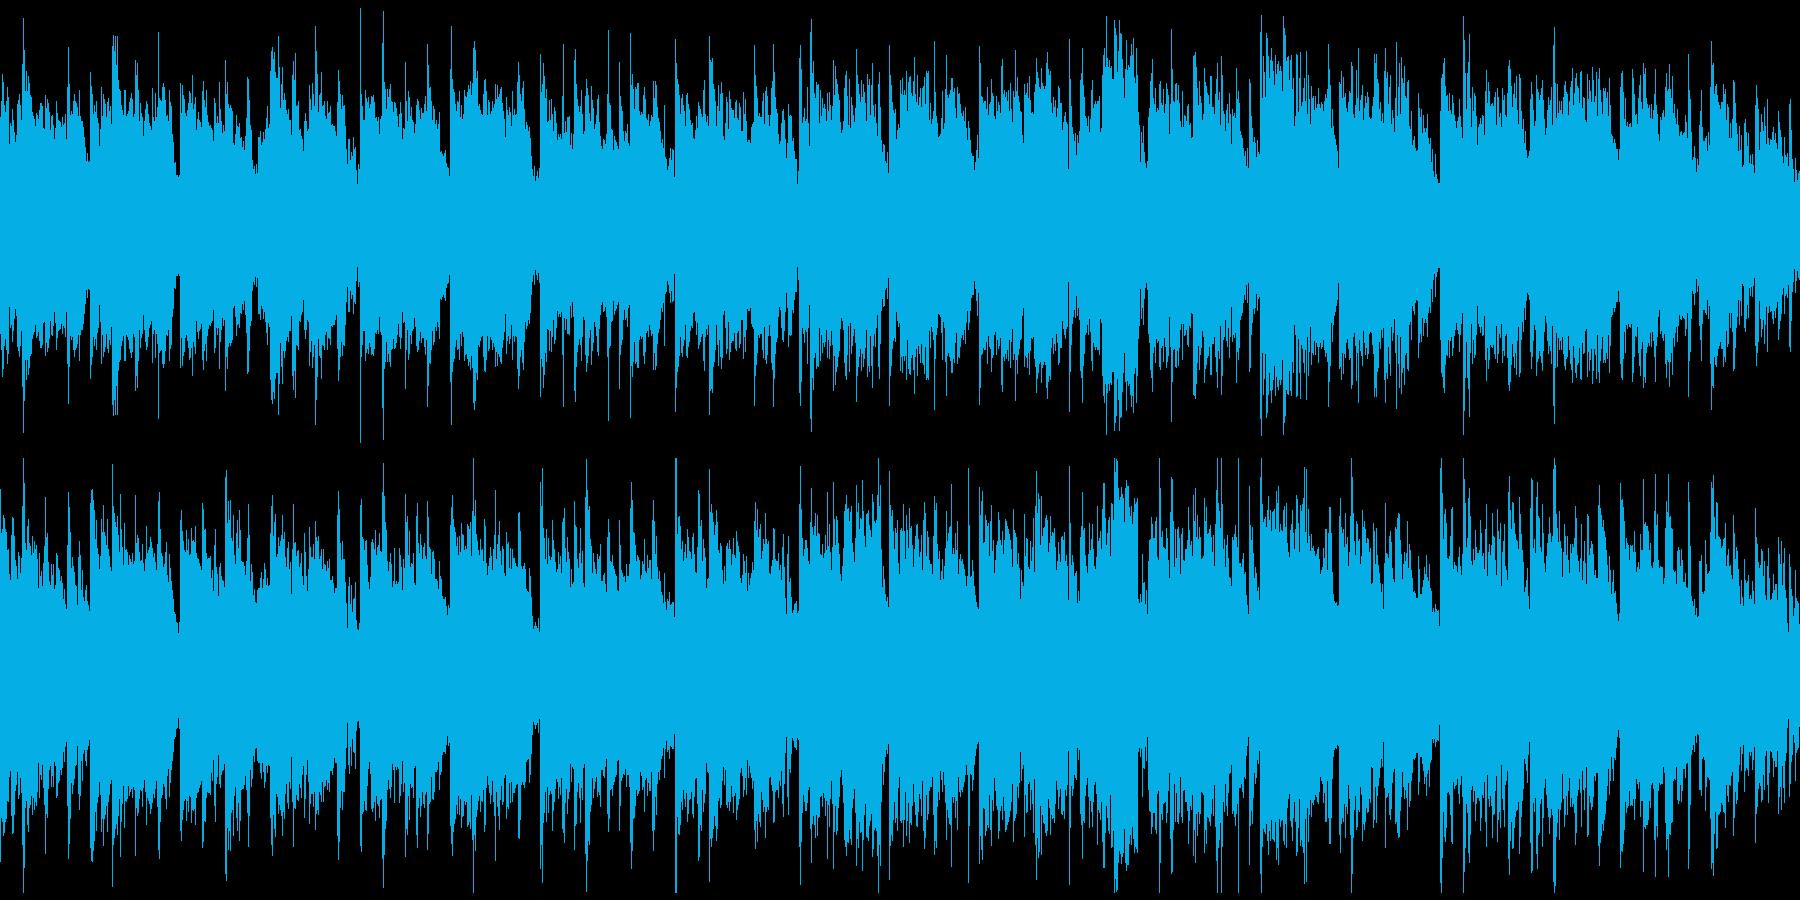 和風曲◆郷愁、壮大、切ない篠笛※ループ版の再生済みの波形